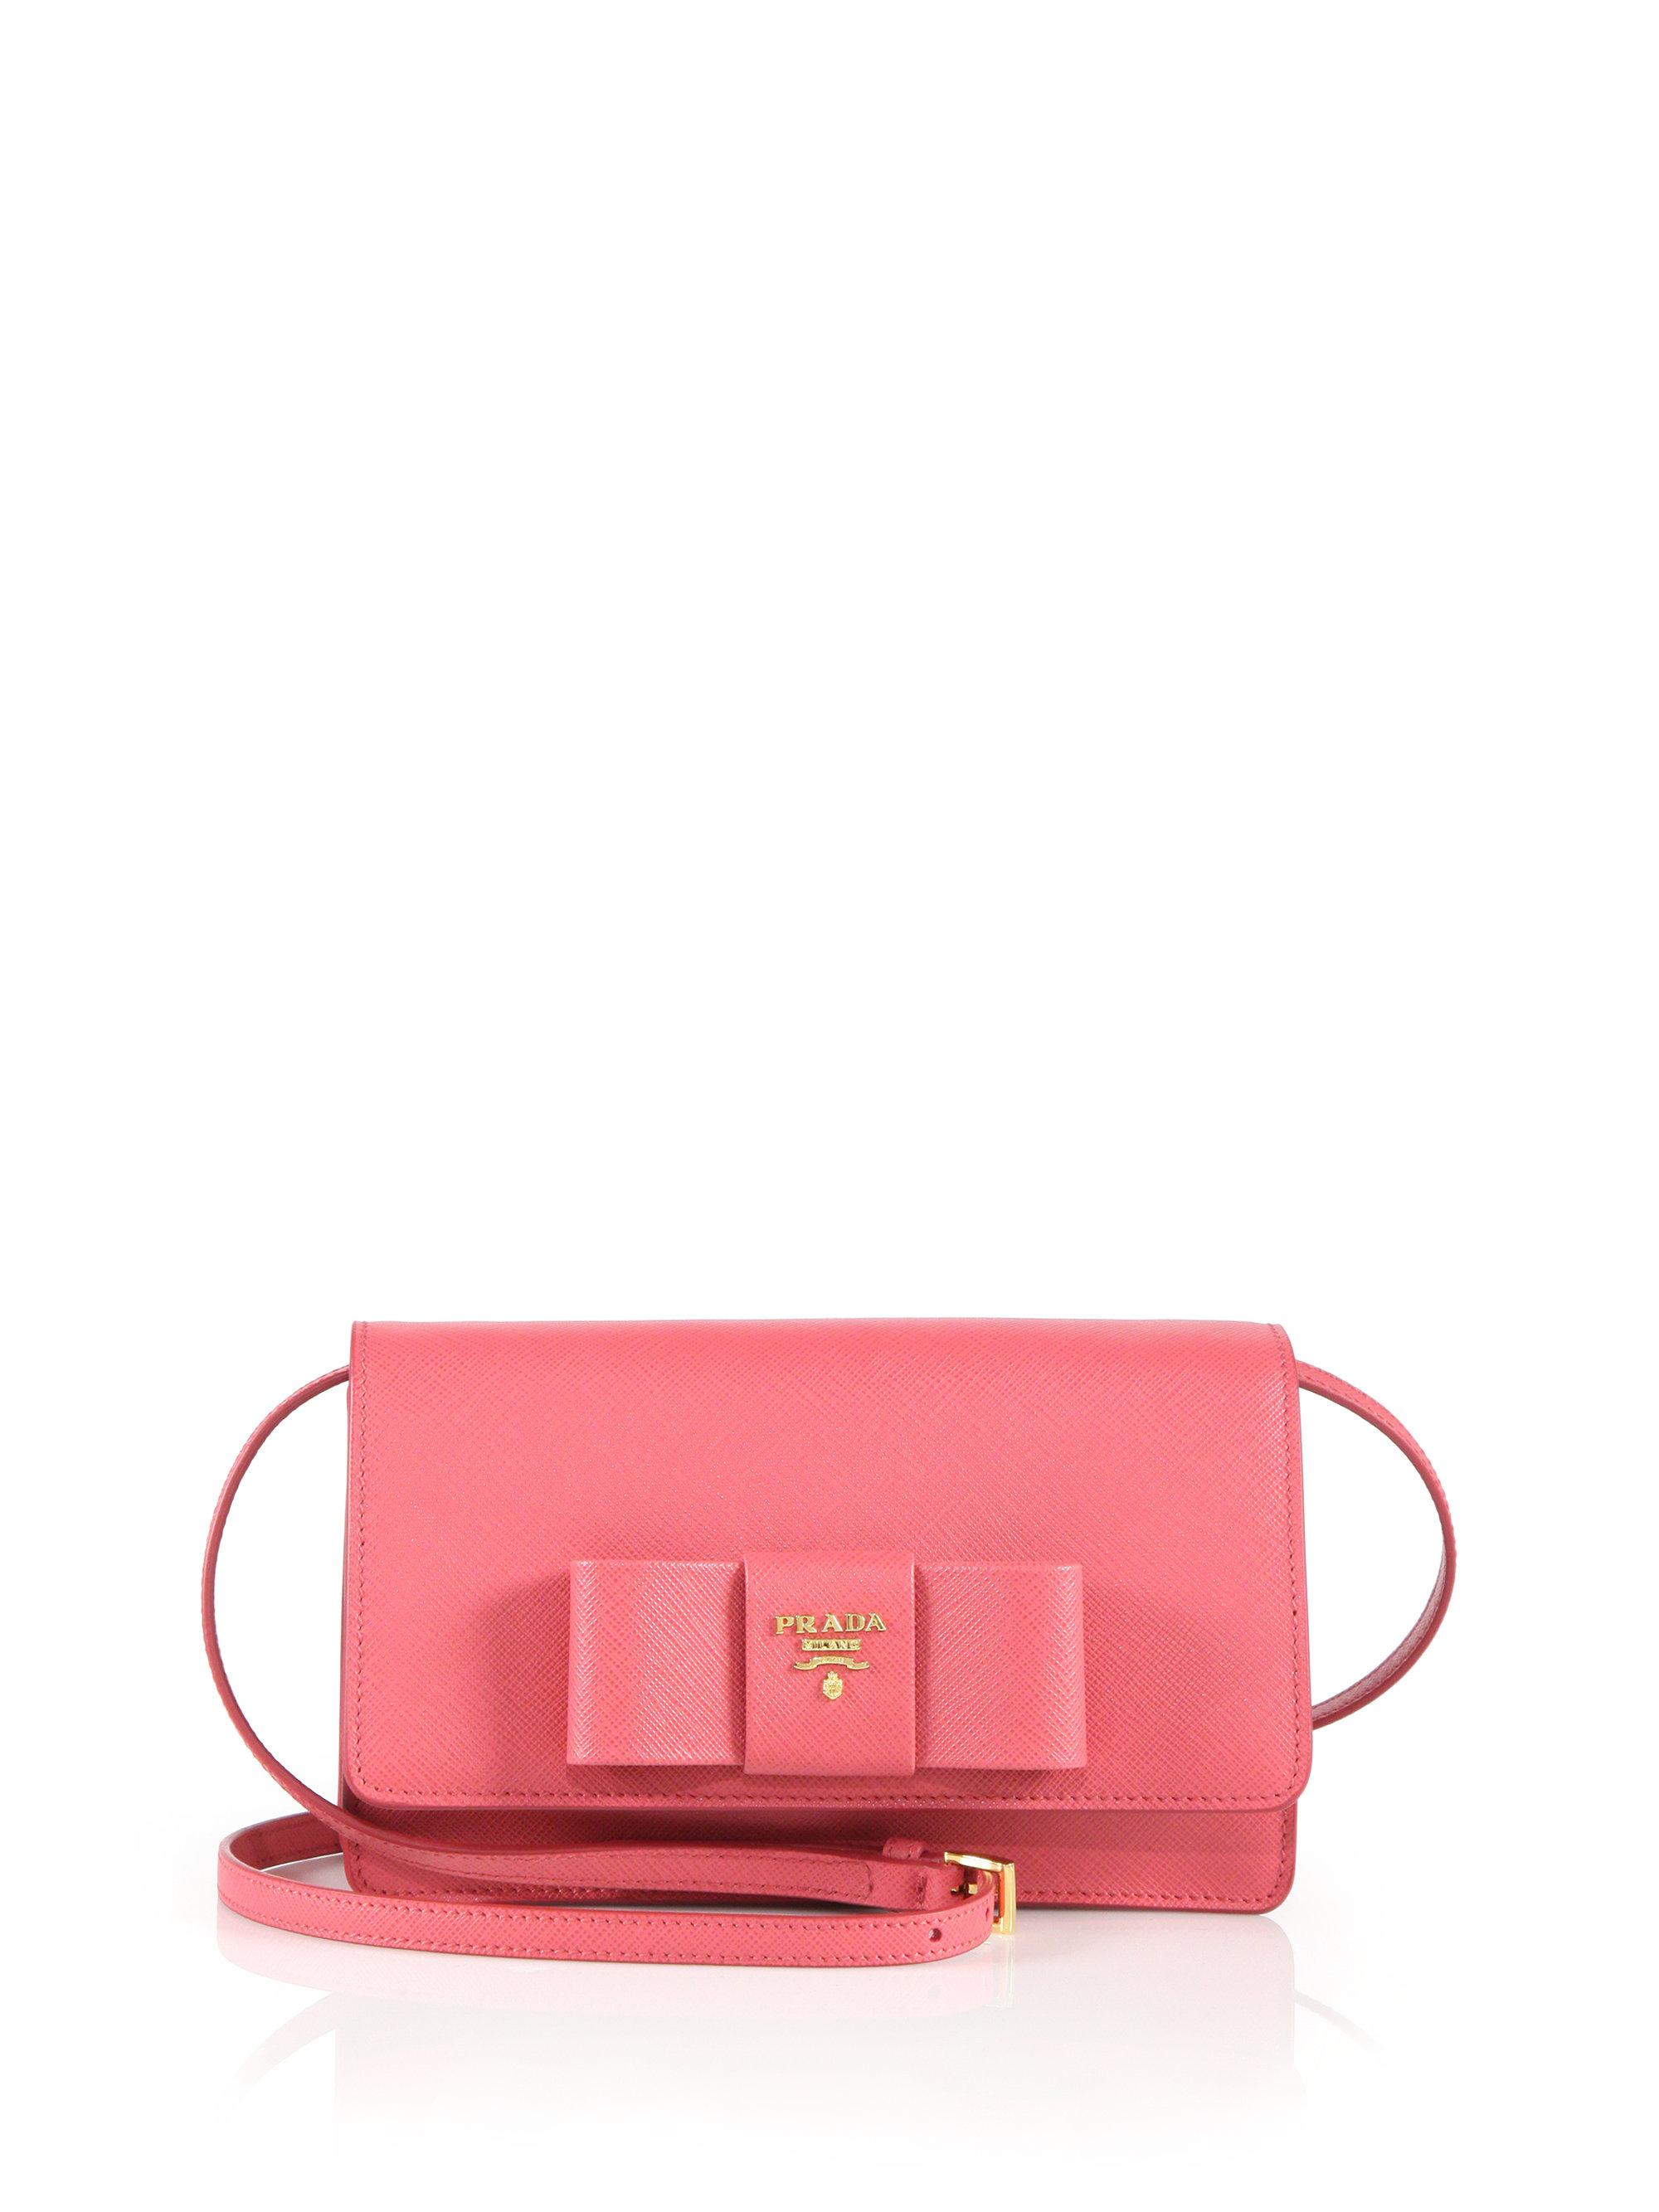 e86b6c115272 Lyst - Prada Saffiano Lux Bow Crossbody Bag in Pink